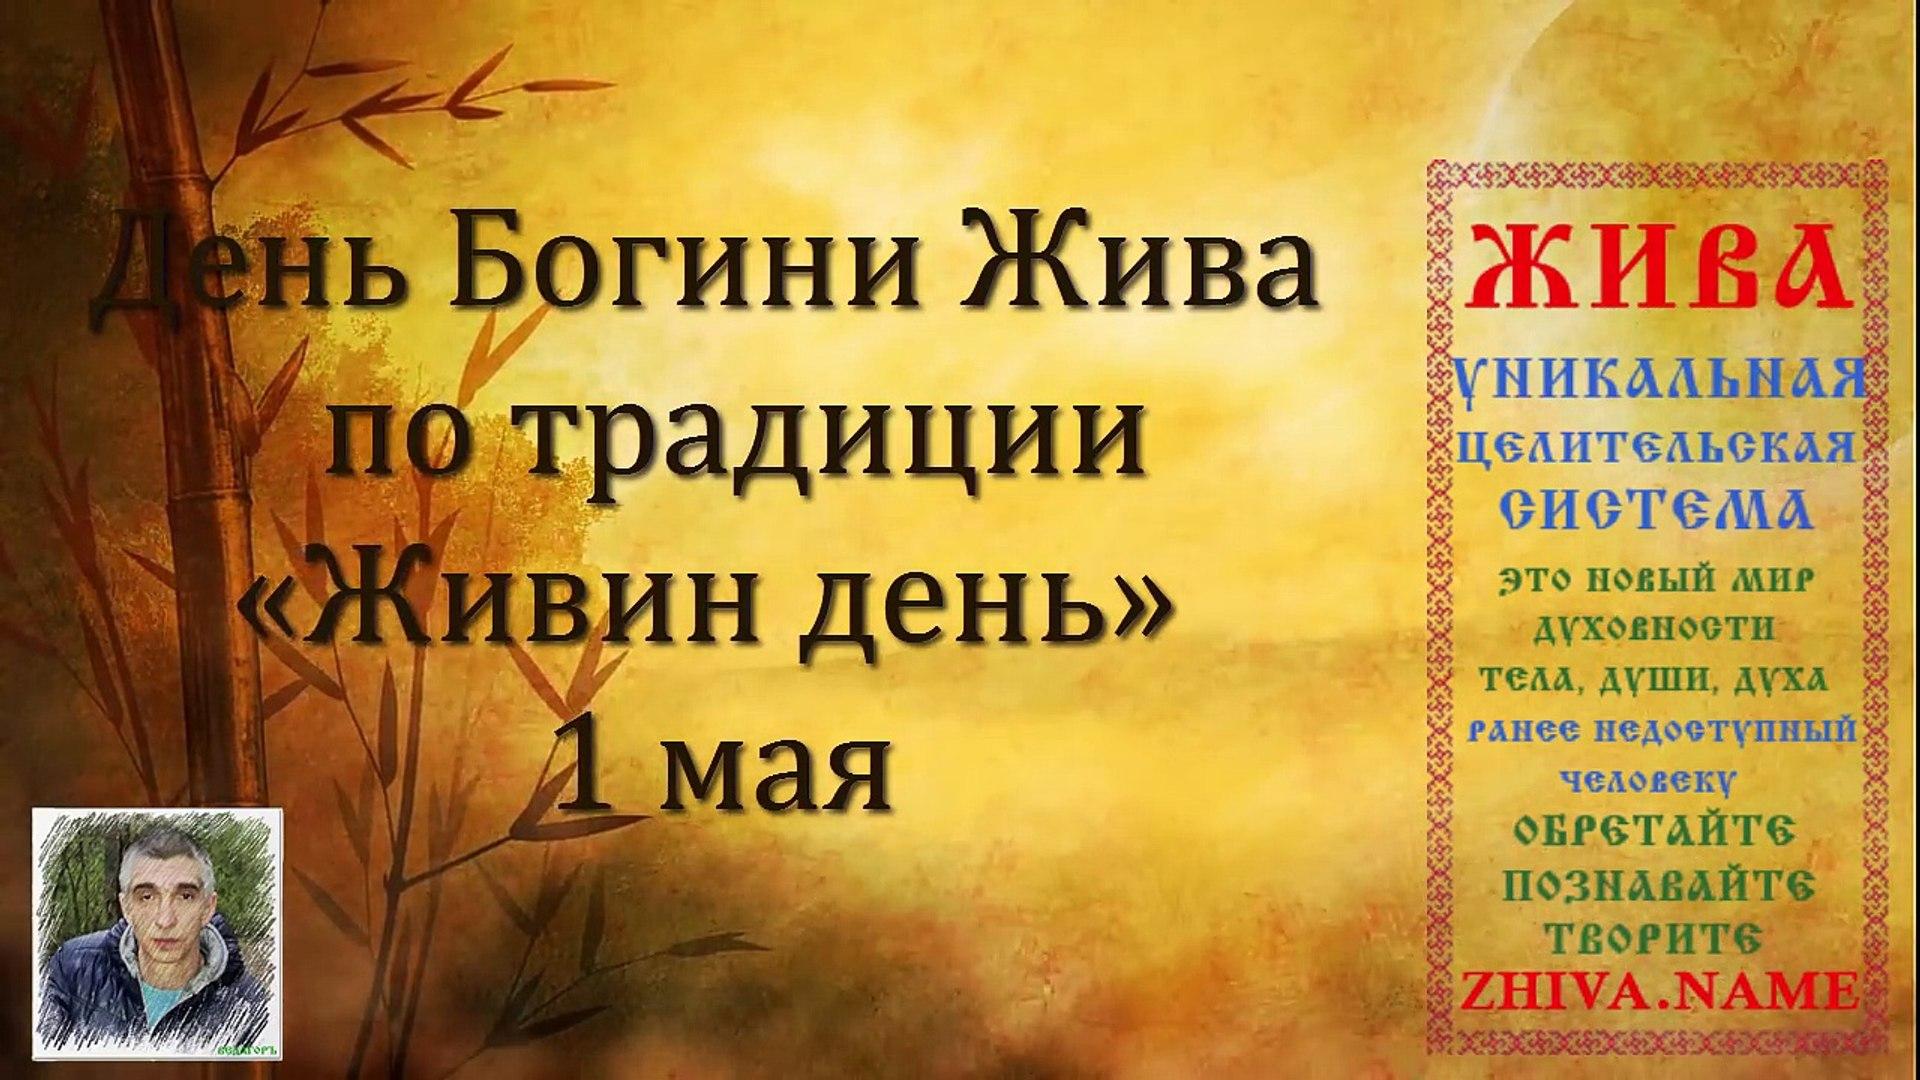 1 мая - День Богини Жива - «Живин день»